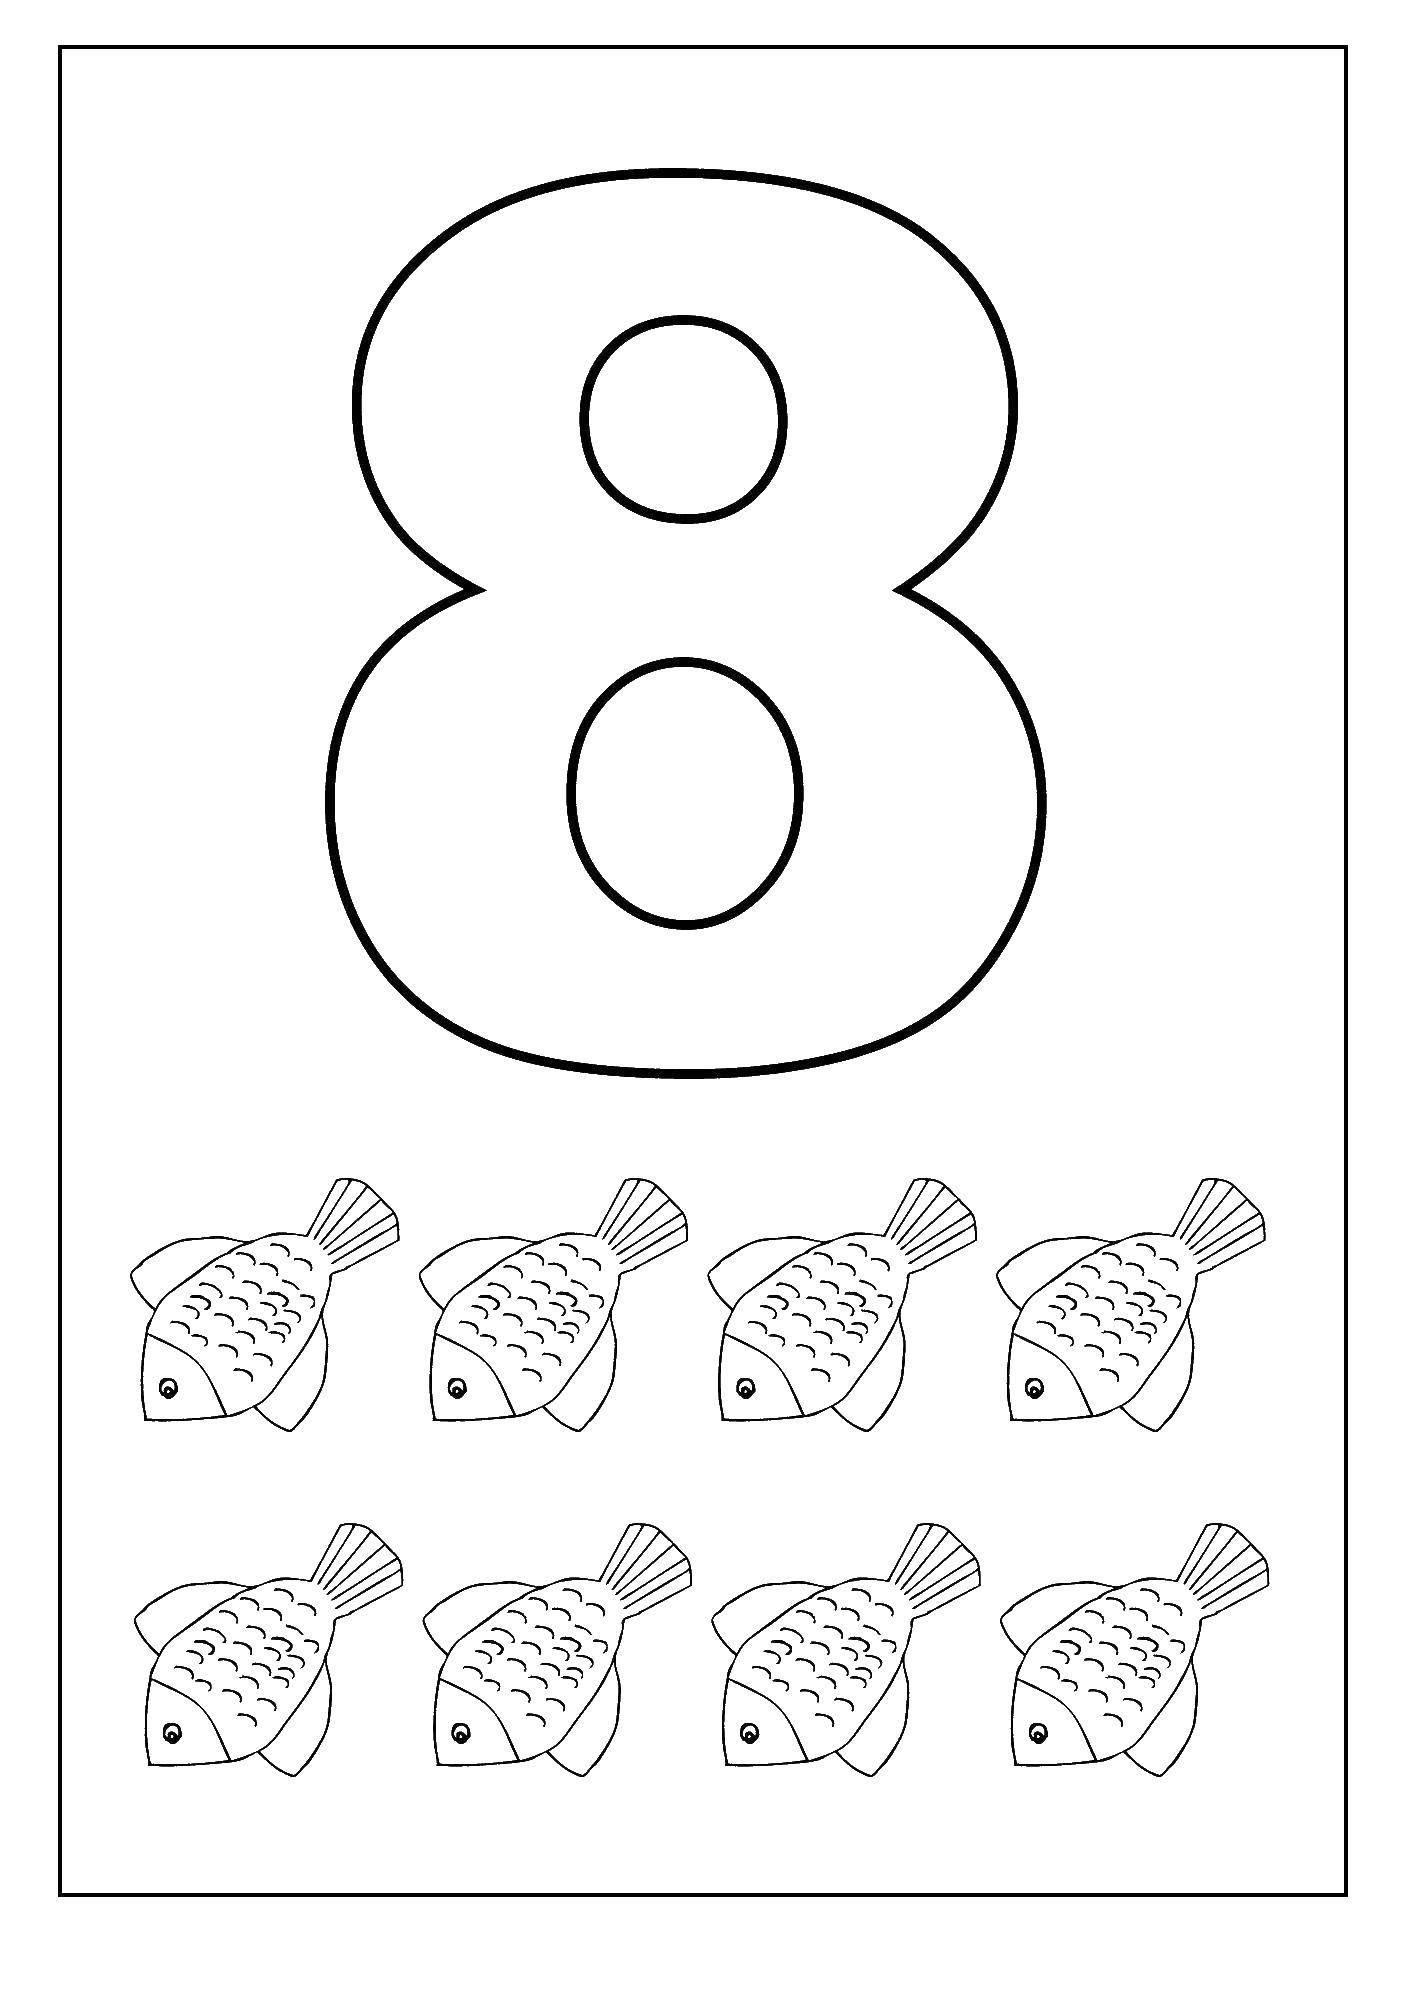 Раскраска Восемь рыбок Скачать 8, рыбки.  Распечатать ,Цифры,